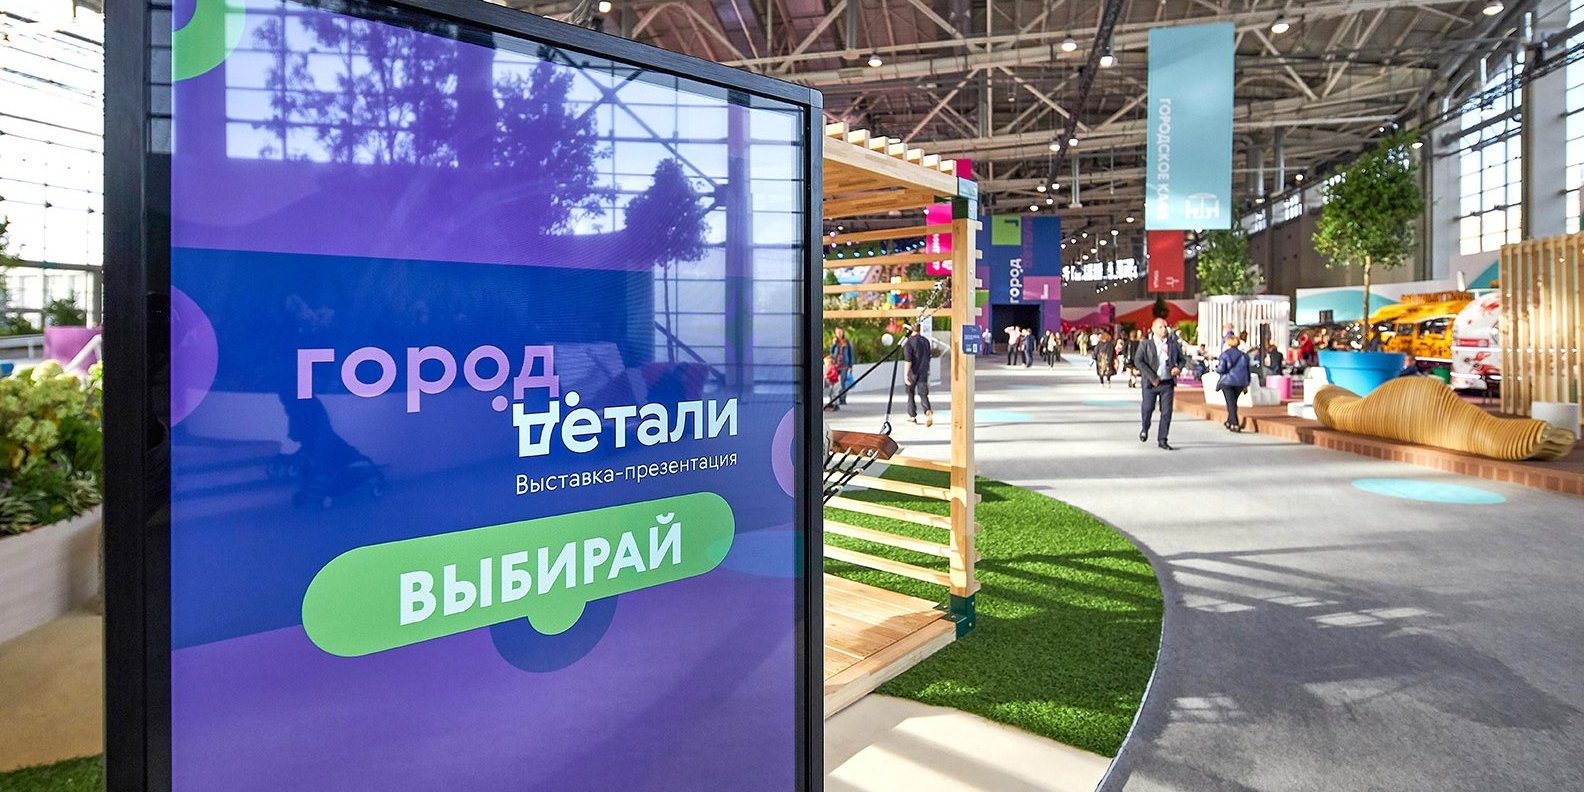 Выставка «Город: Детали. 2020» в 75-м павильоне ВДНХ